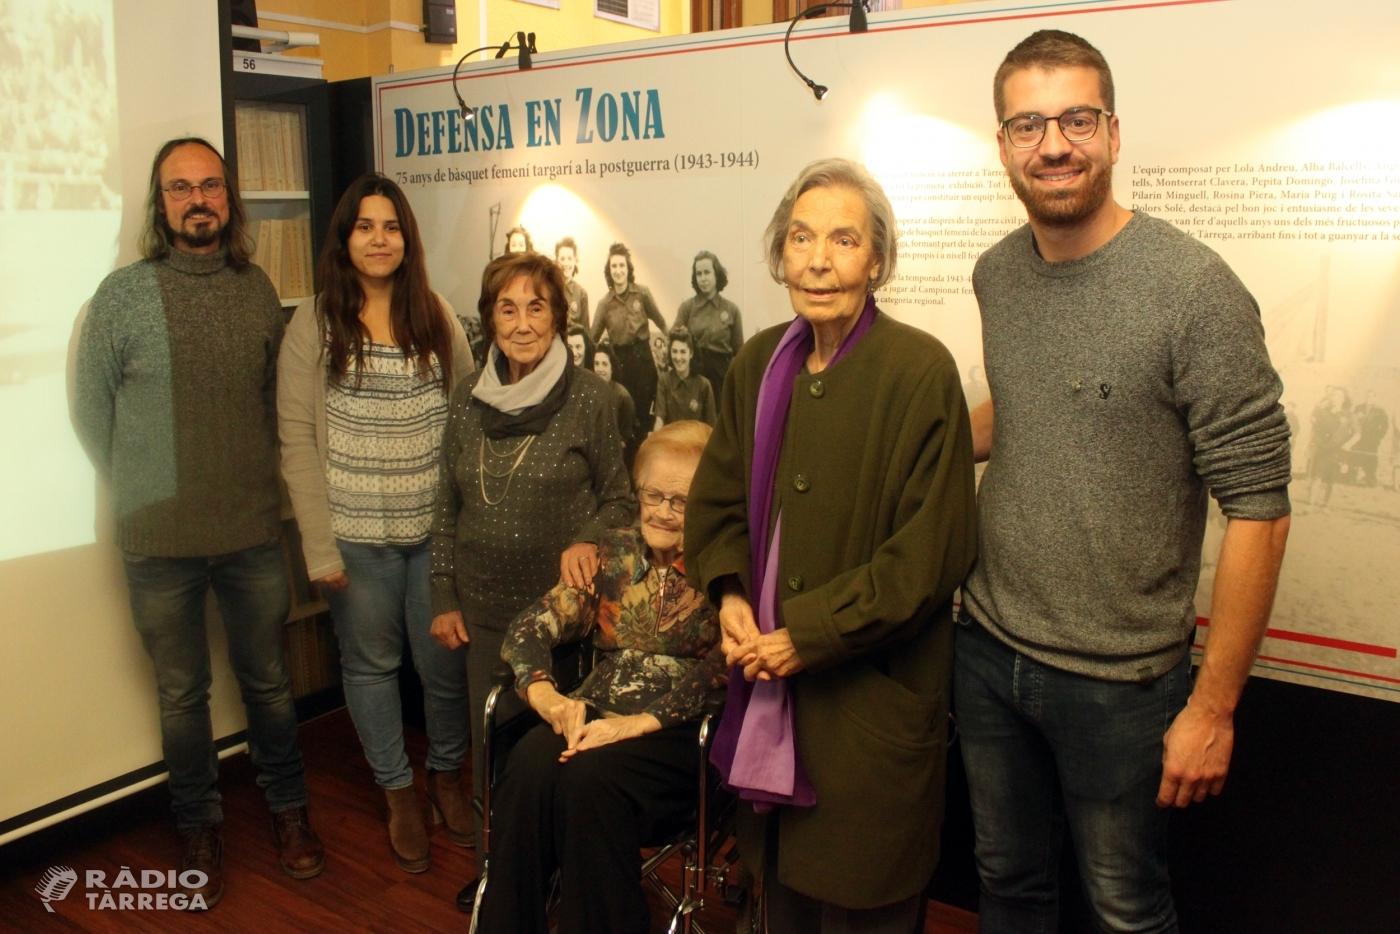 Homenatge a les dones pioneres del bàsquet femení de Tàrrega amb una exposició a l'Arxiu Comarcal de l'Urgell